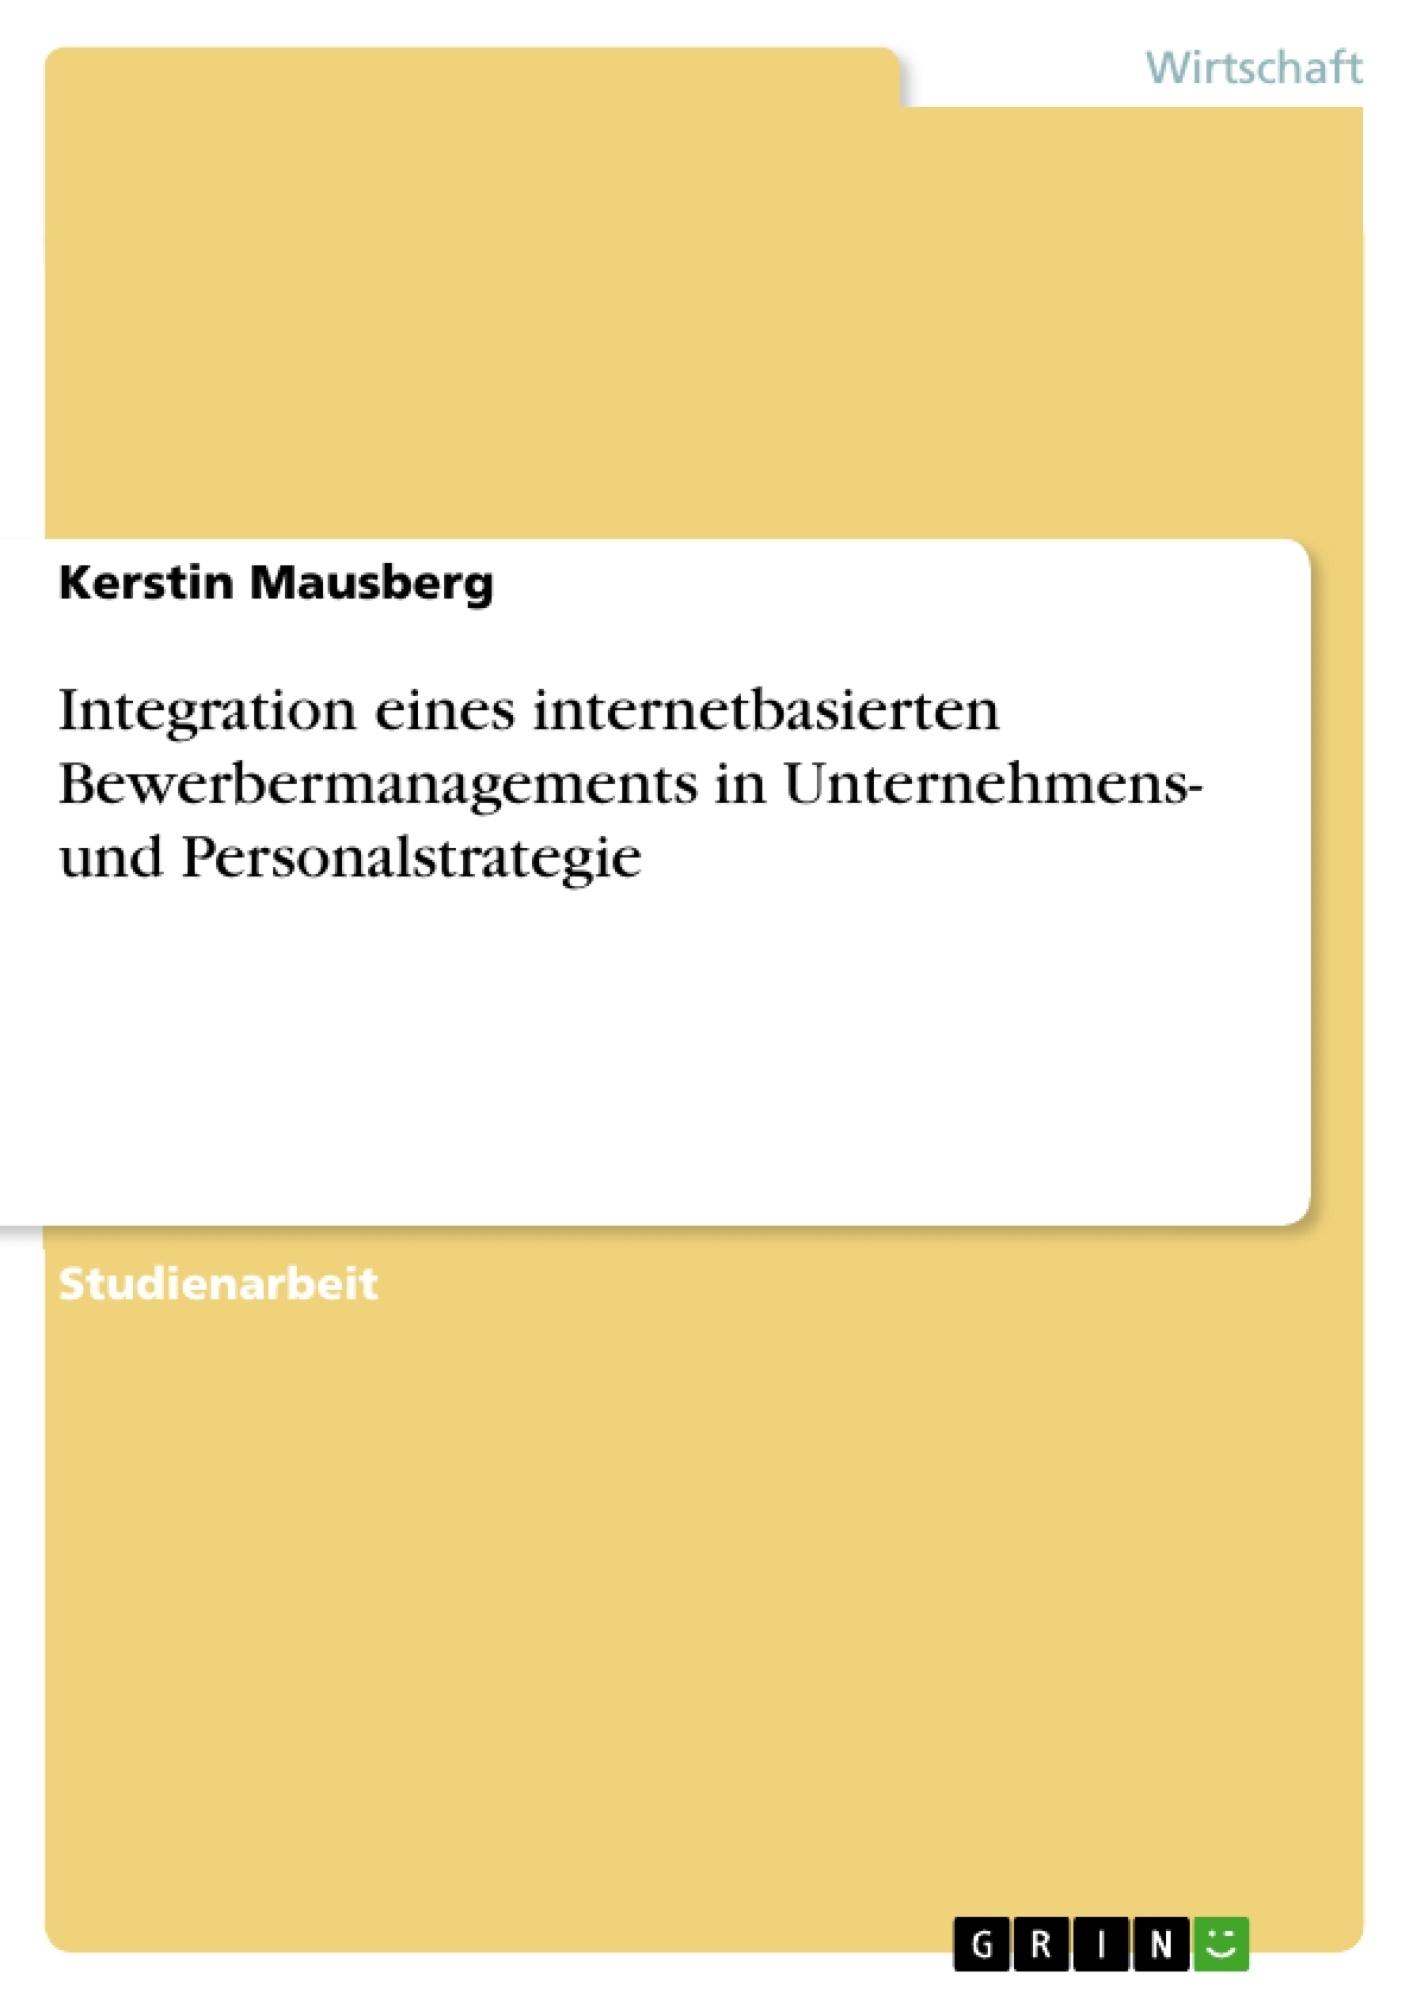 Titel: Integration eines internetbasierten Bewerbermanagements in Unternehmens- und Personalstrategie